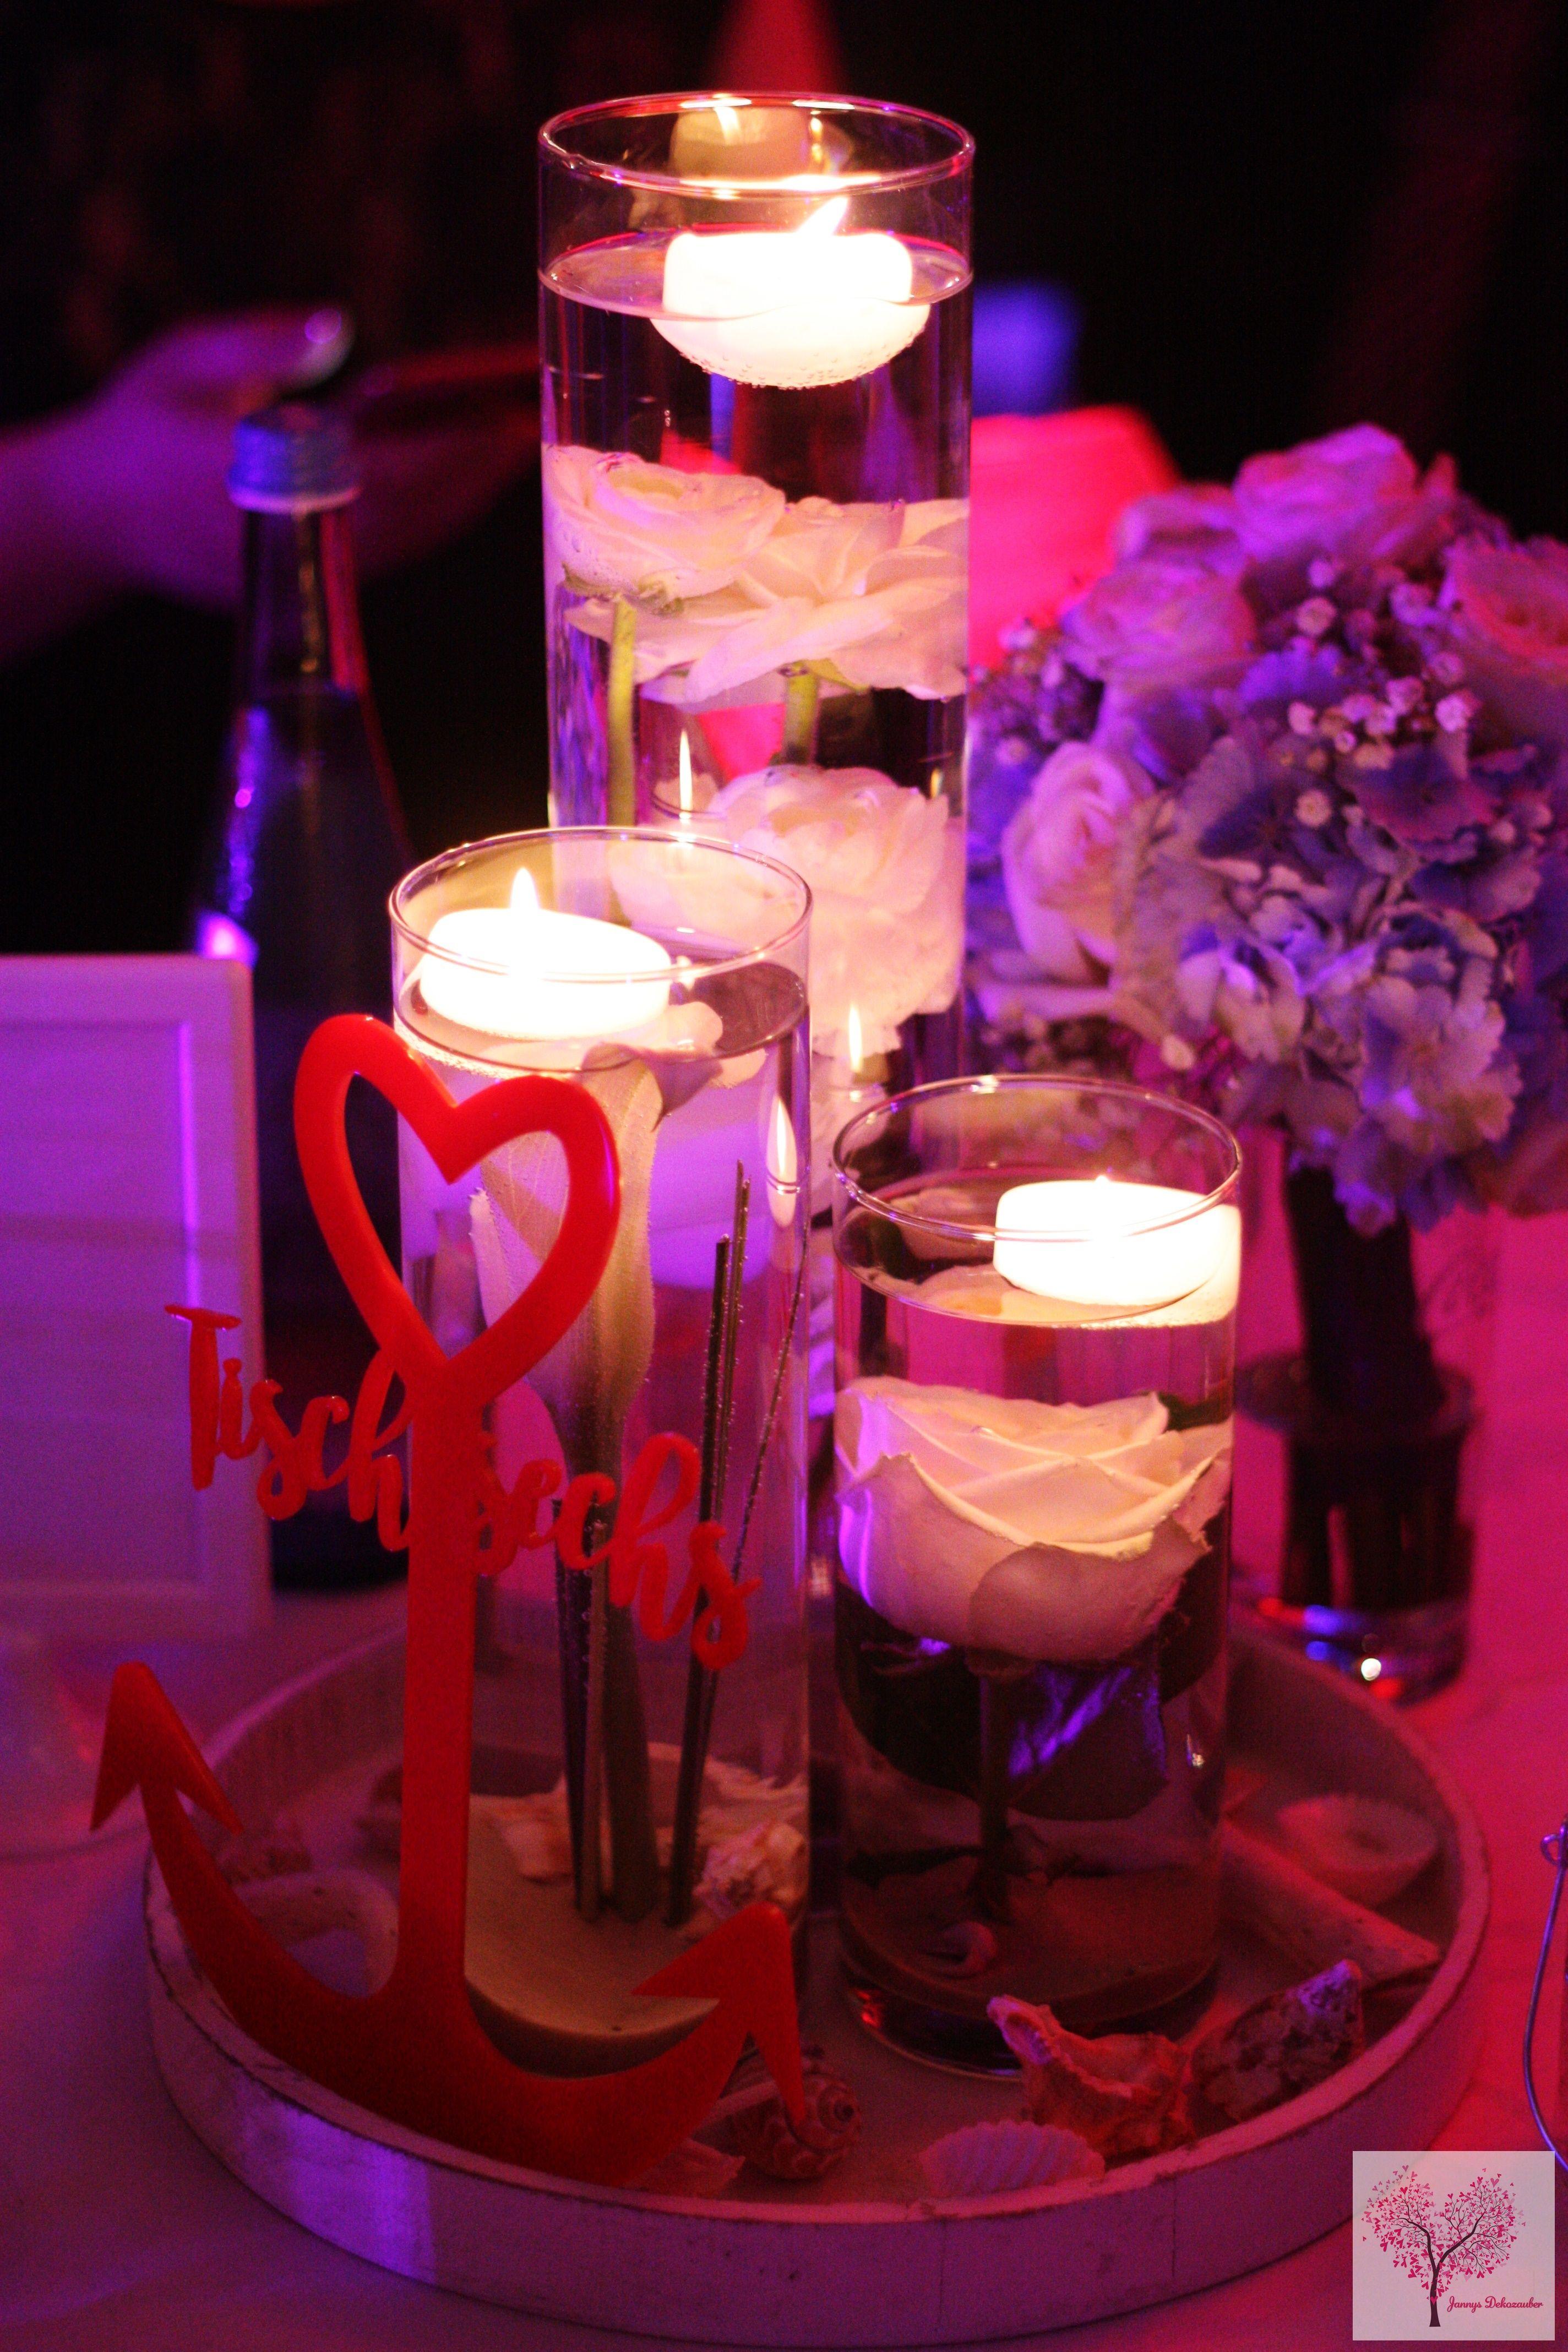 Maritim Tischdeko Hochzeit Anker Muscheln Schwimmkerzen Blumen Unter